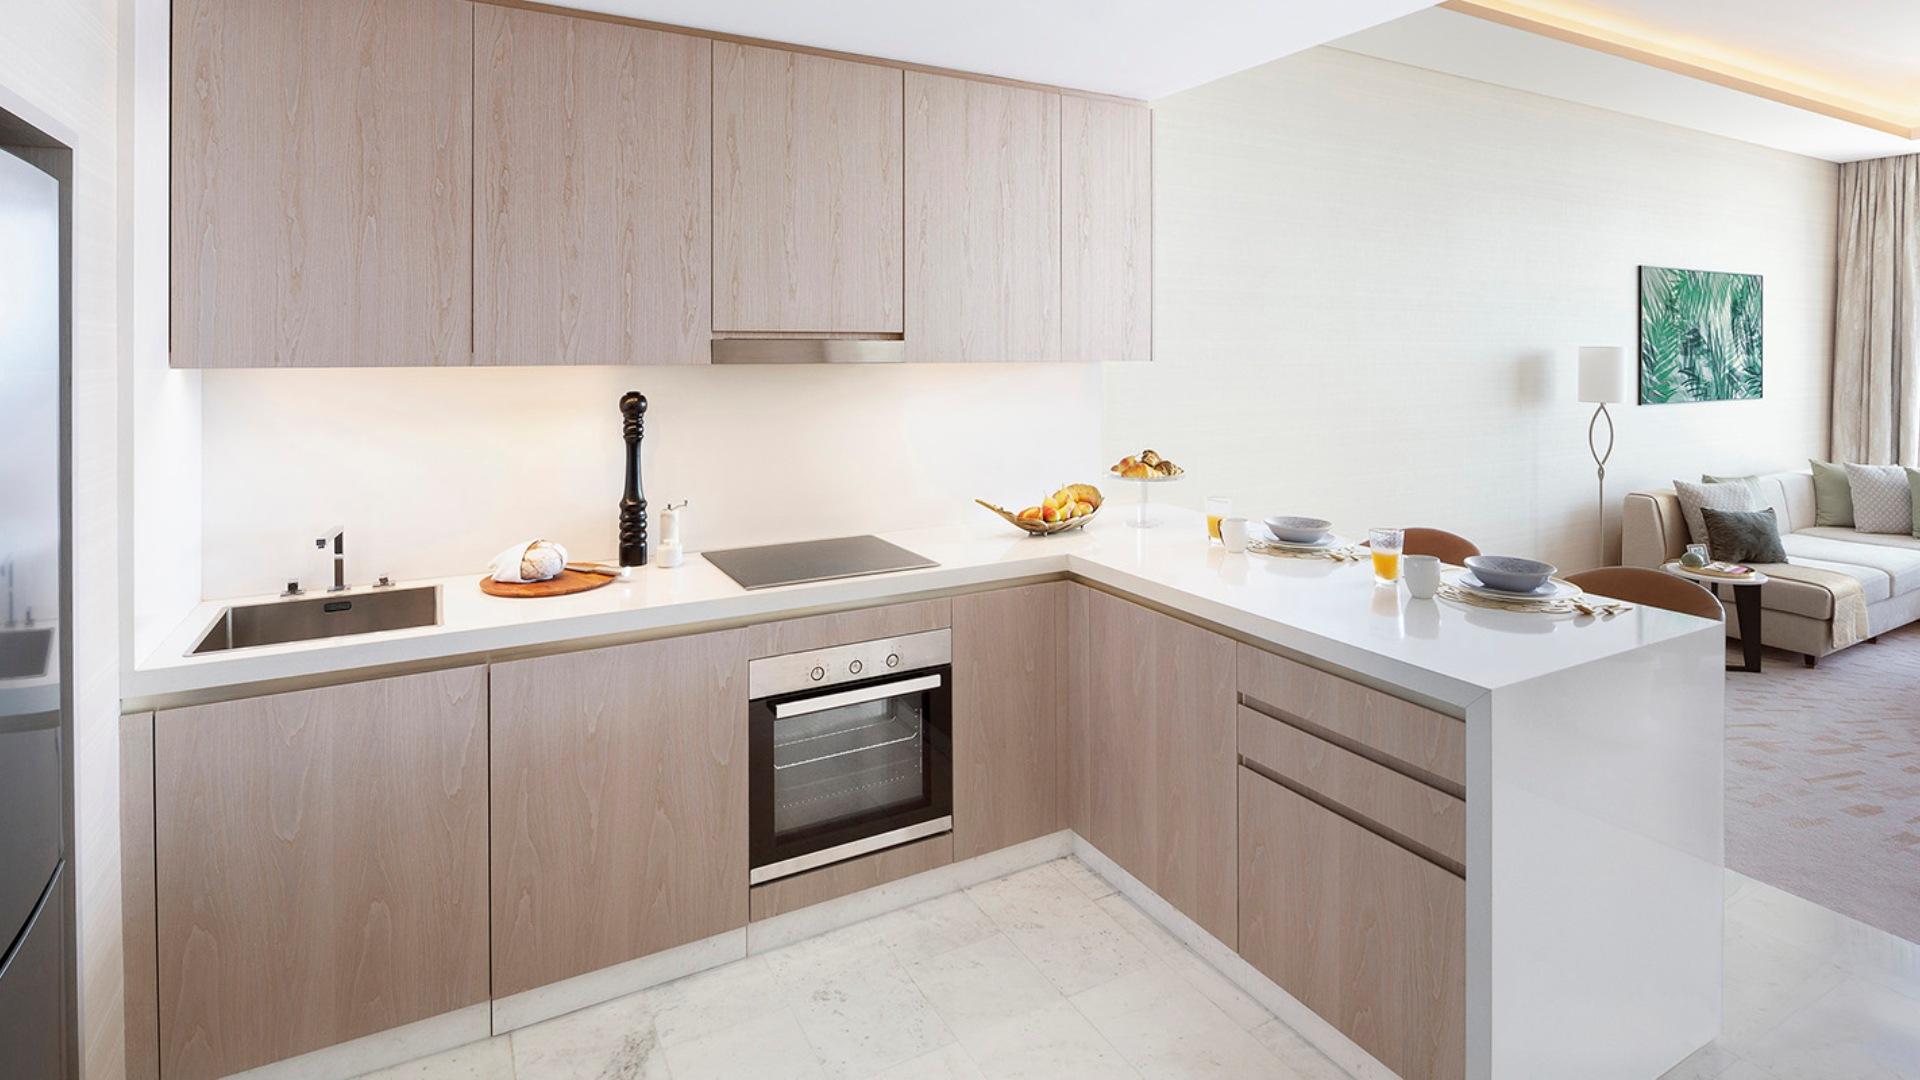 Apartamento en venta en Dubai, EAU, estudio, 49 m2, № 24466 – foto 3